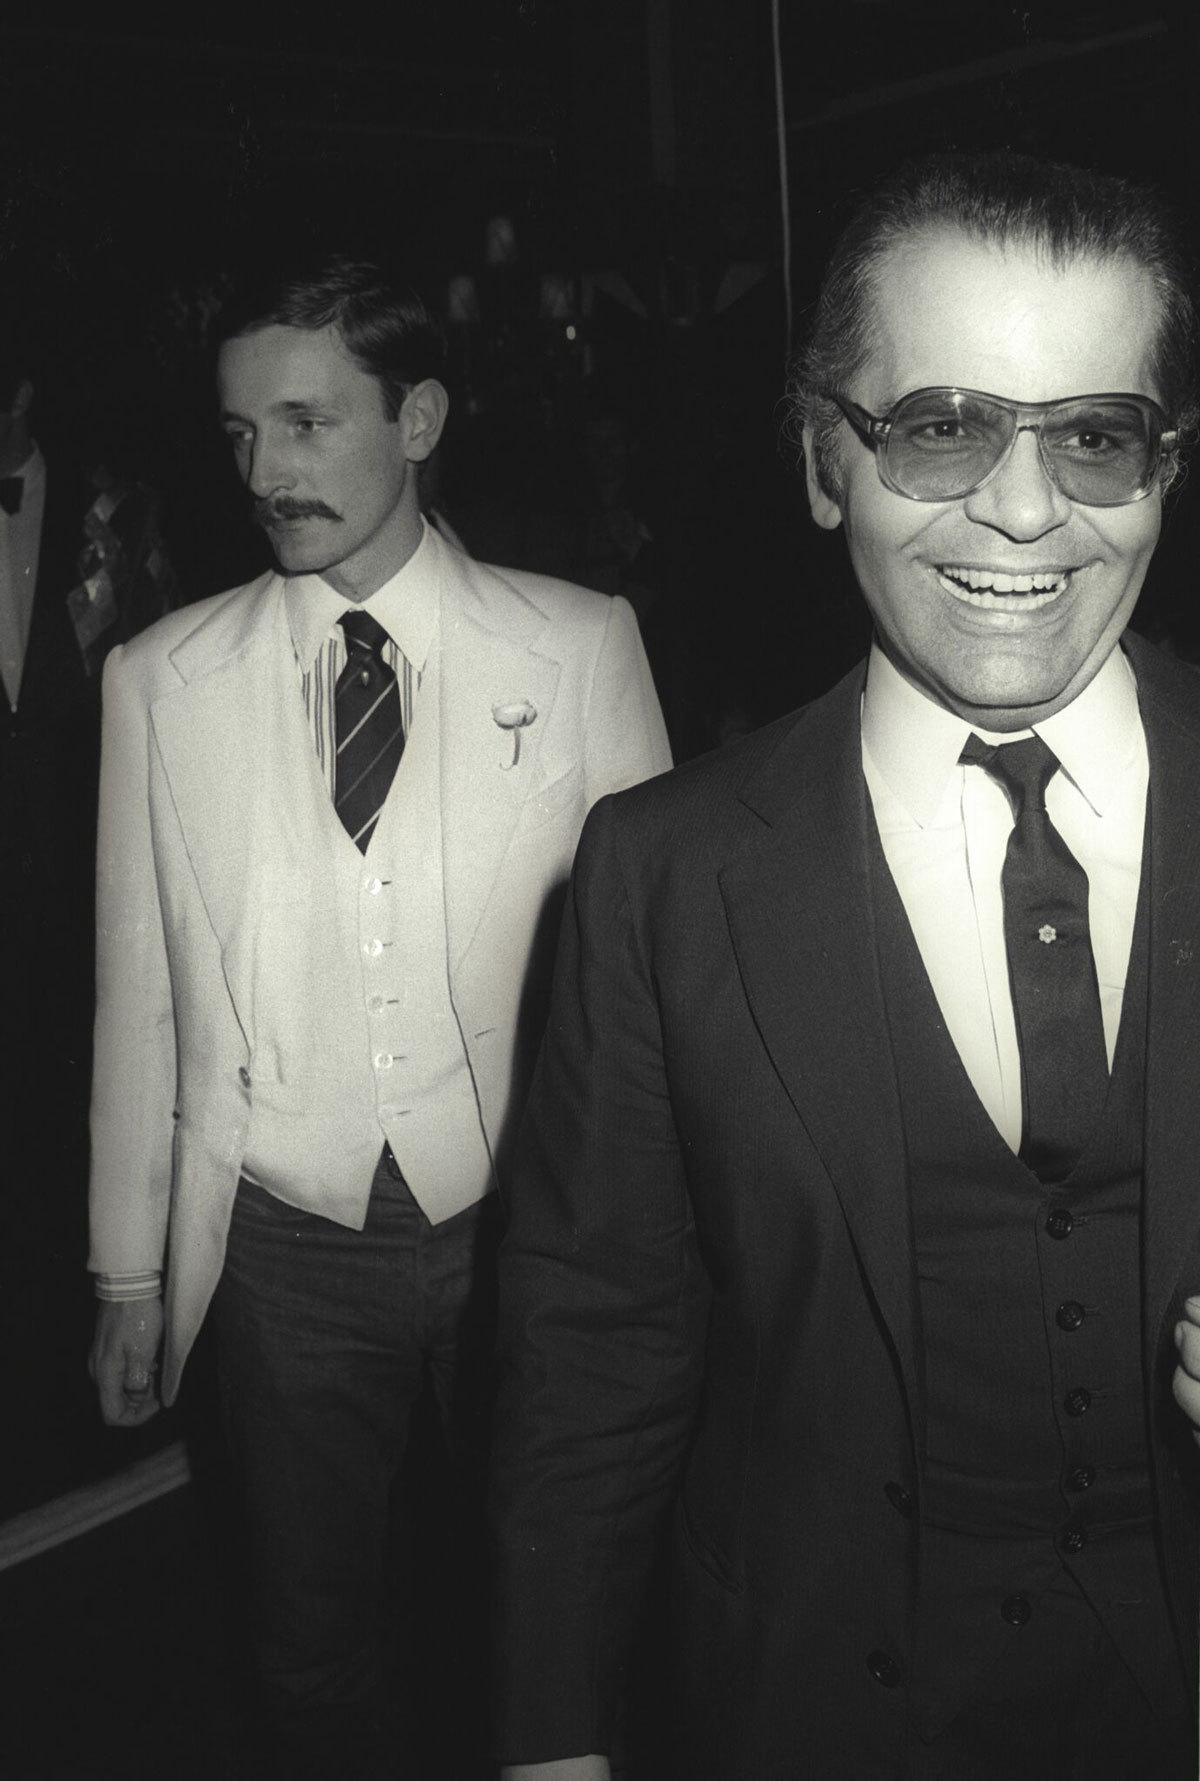 Huyền thoại thời trang Karl Lagerfeld và người tình Jacques de bascher